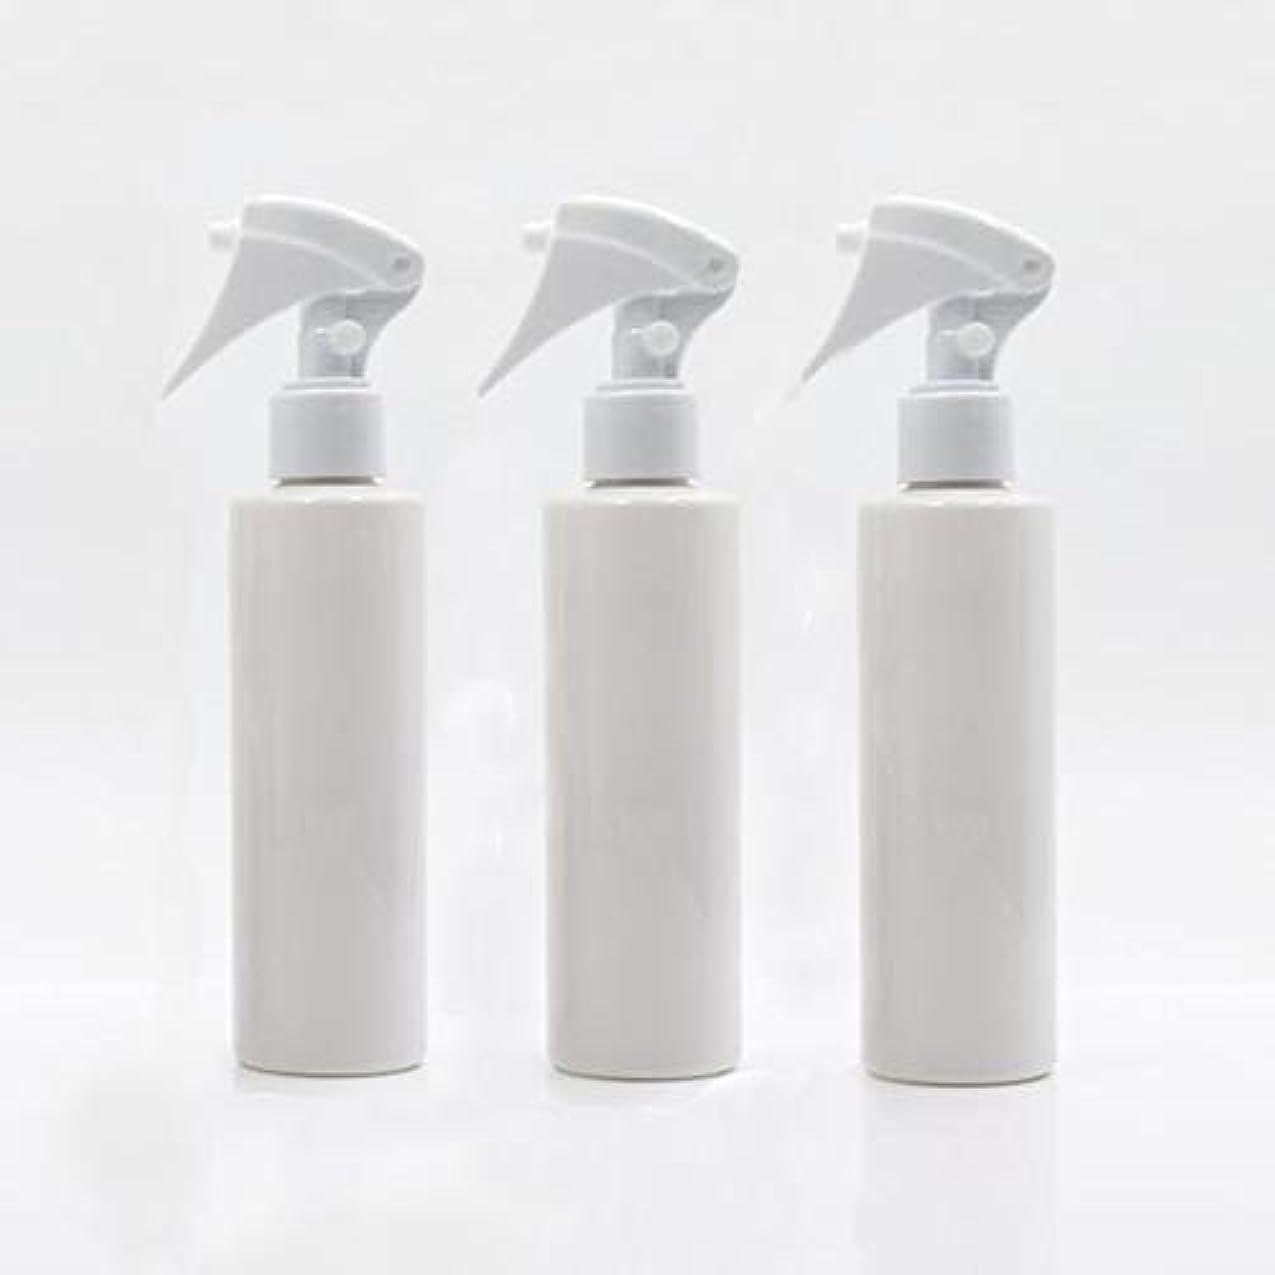 運賃本部シェアHomewineasy 極細のミストを噴霧する スプレーボトル 詰め替え容器 200ml 3本セット (ホワイト)